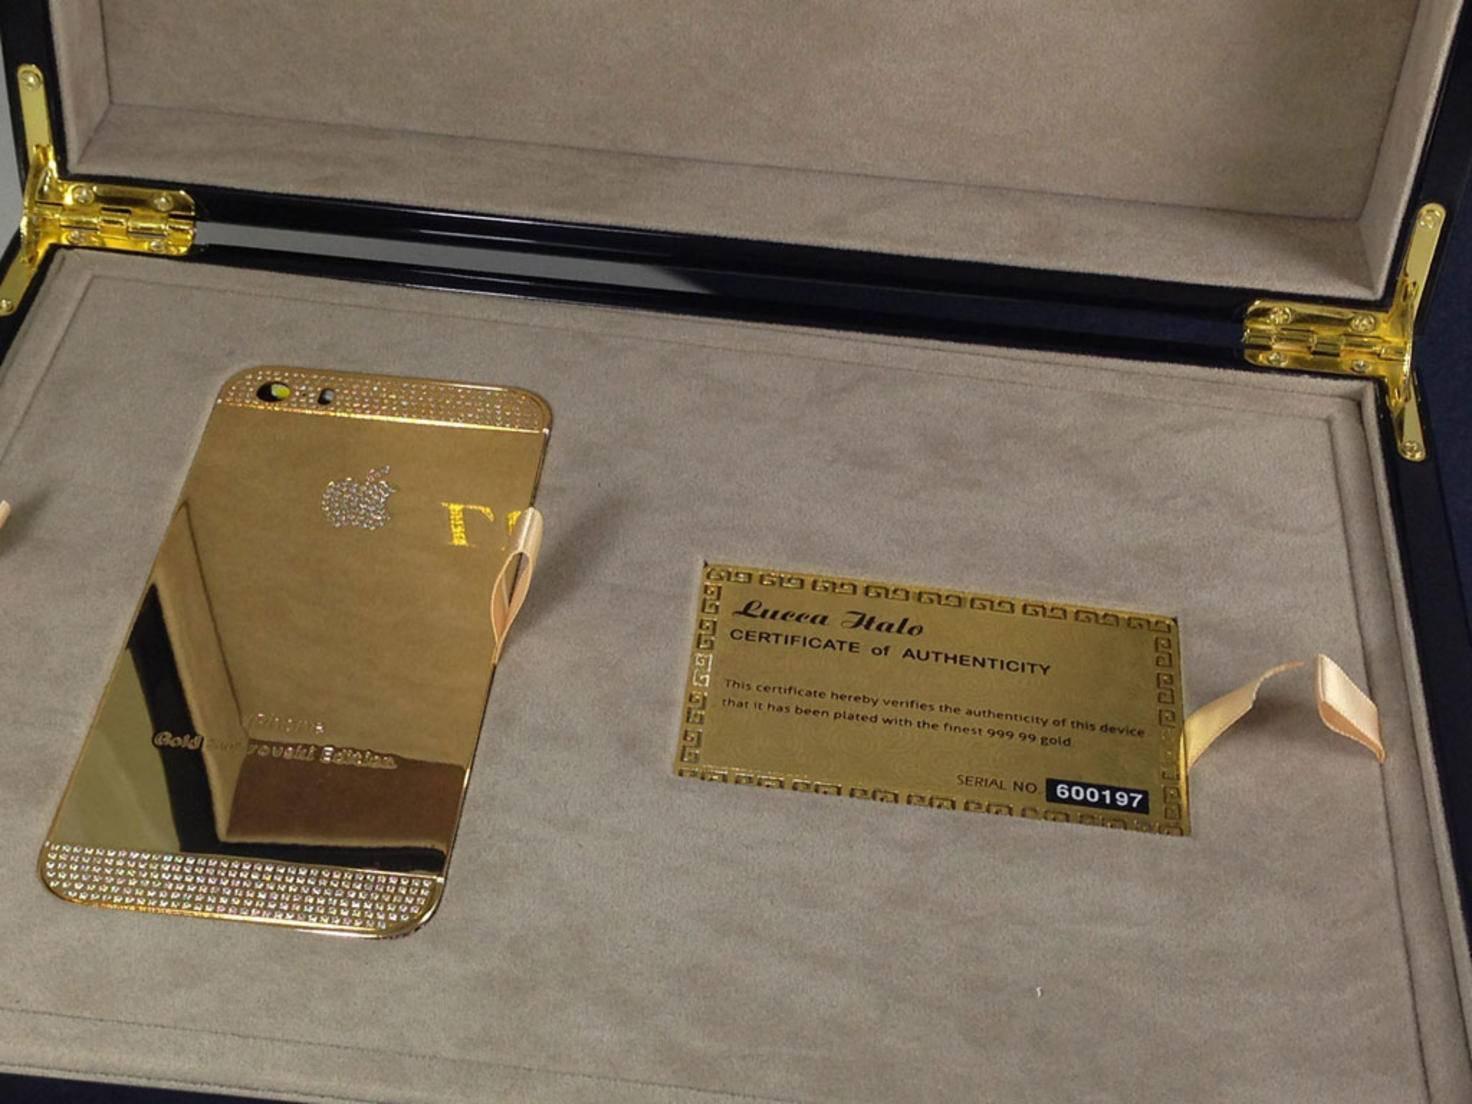 Lucca Italo Solido iPhone 6 Plus